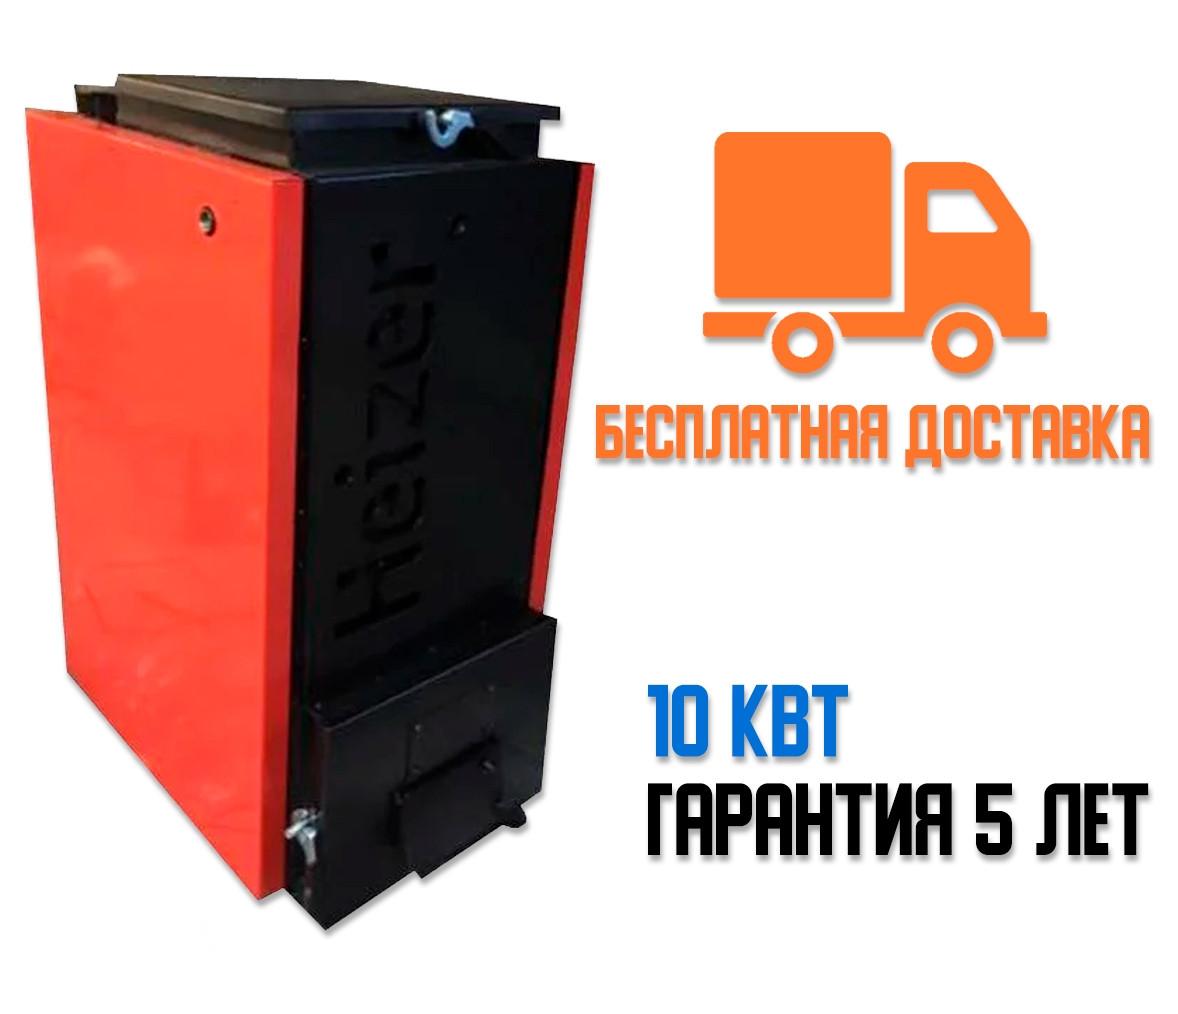 """Котел шахтный Холмова """"Heizer"""" 10 кВт. Бесплатная доставка!"""